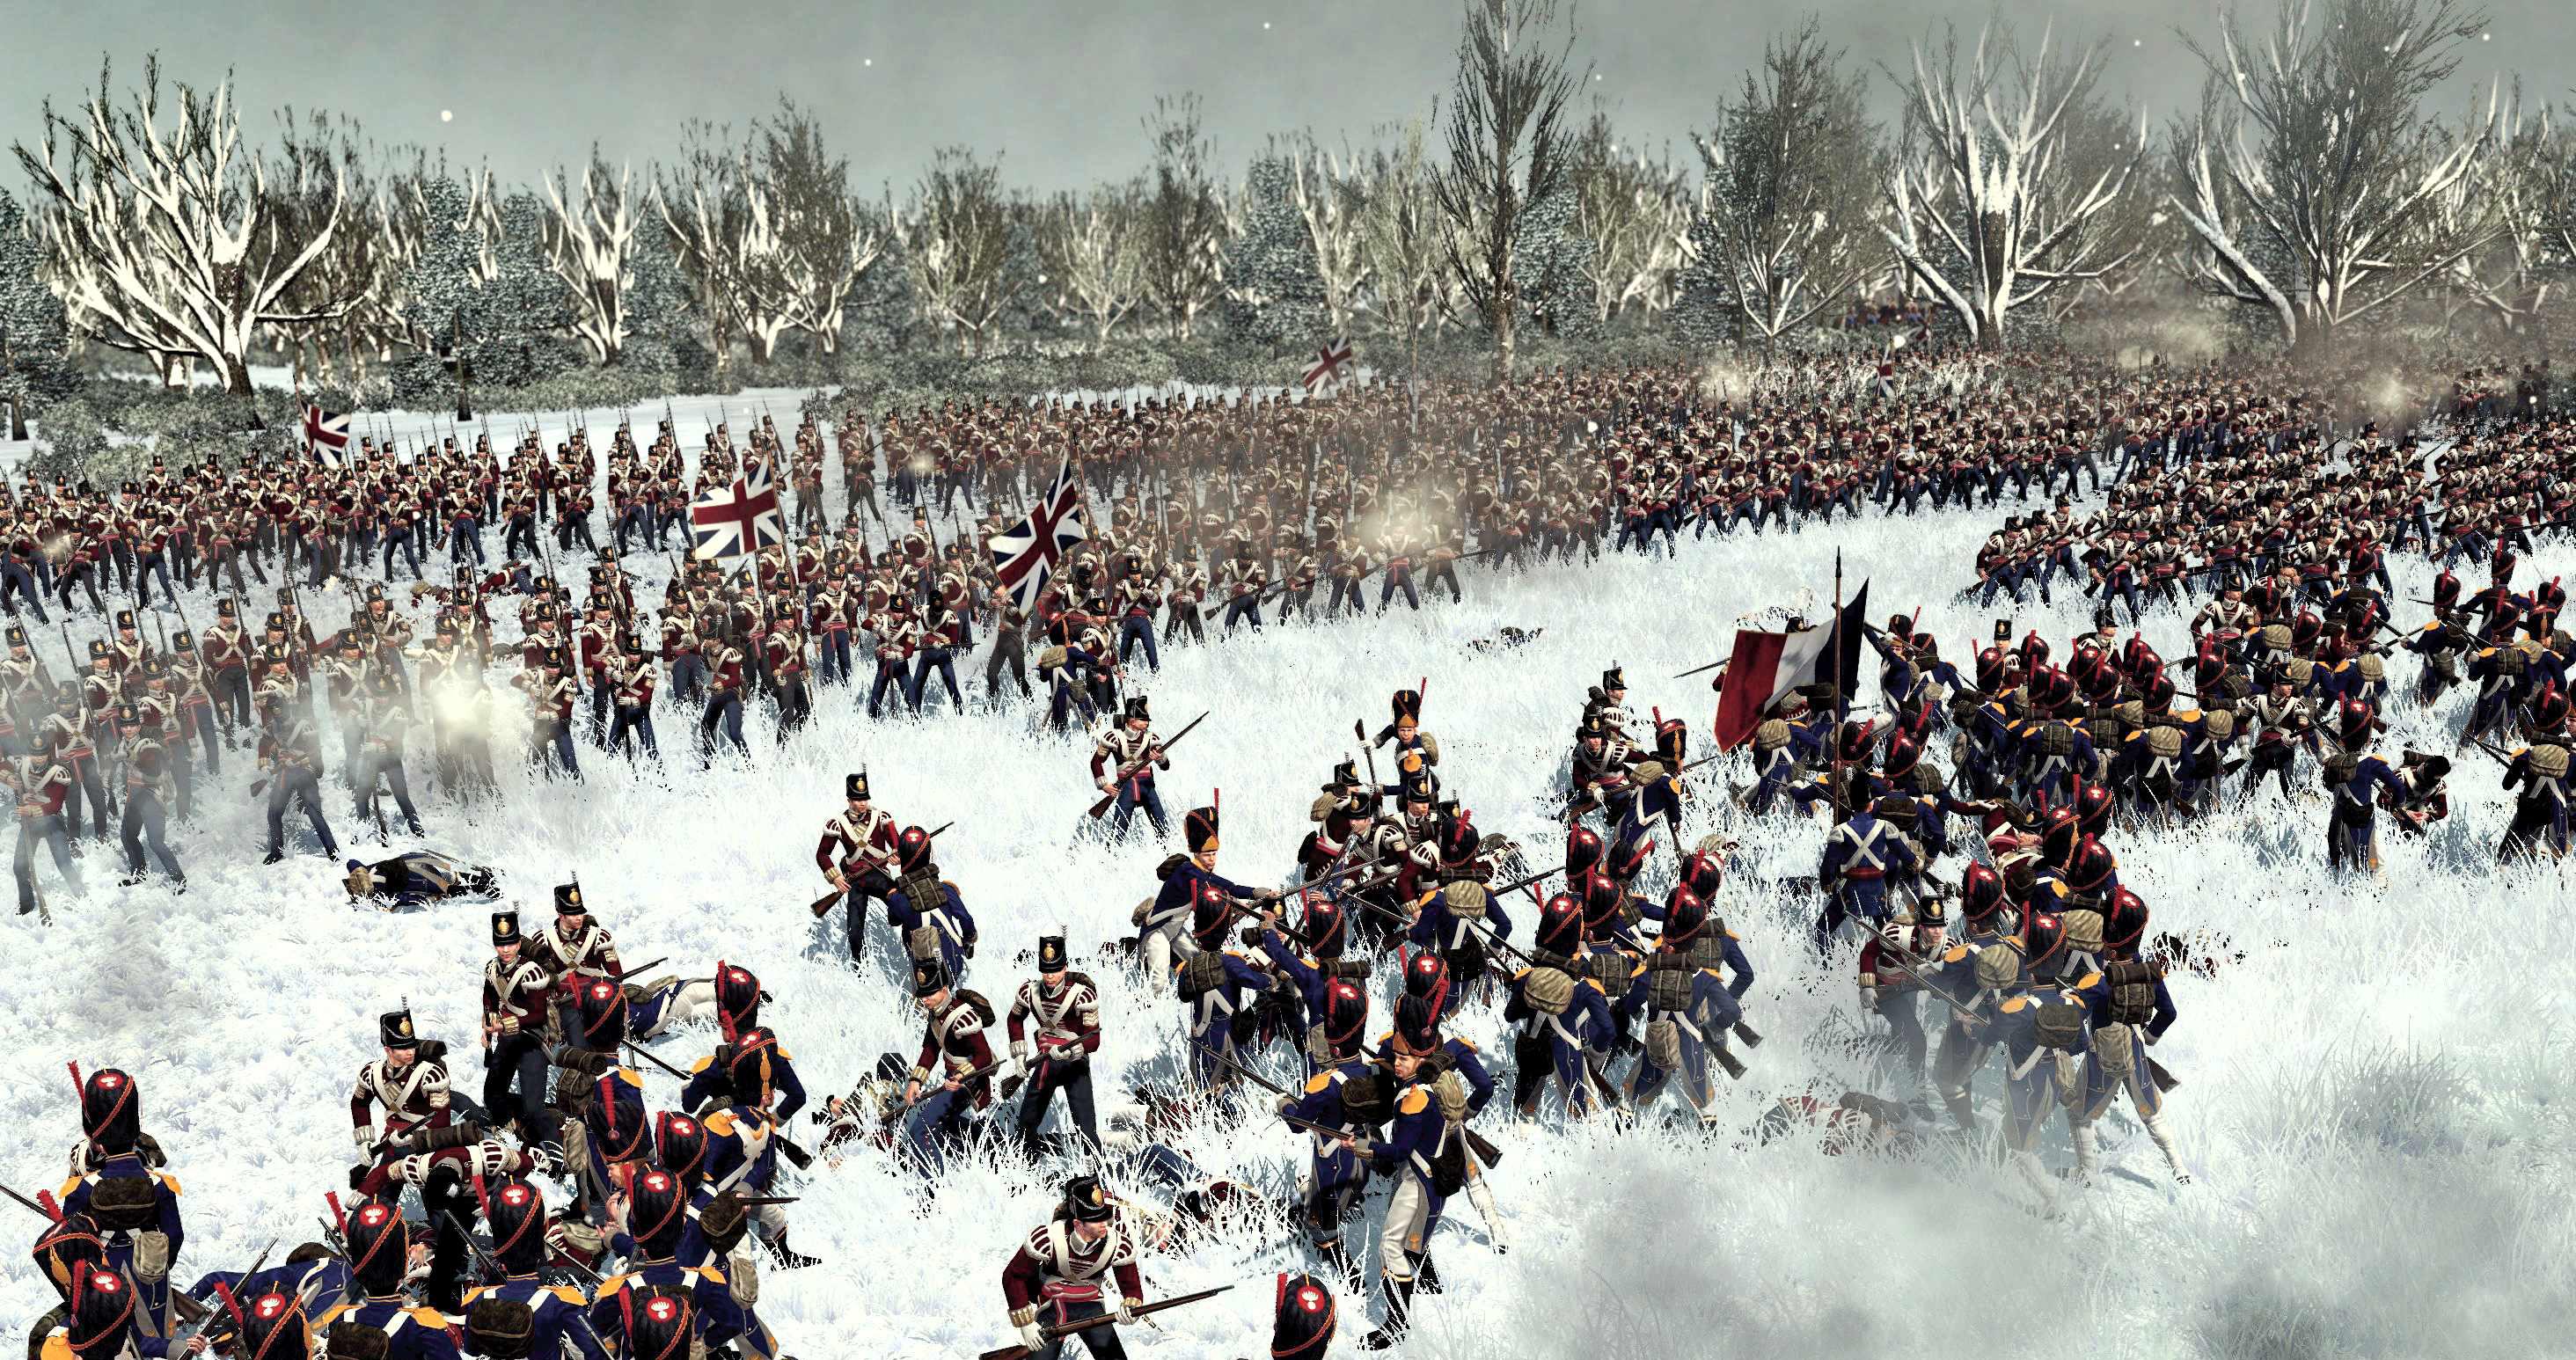 napoleon total war hd wallpaper 2928x1546